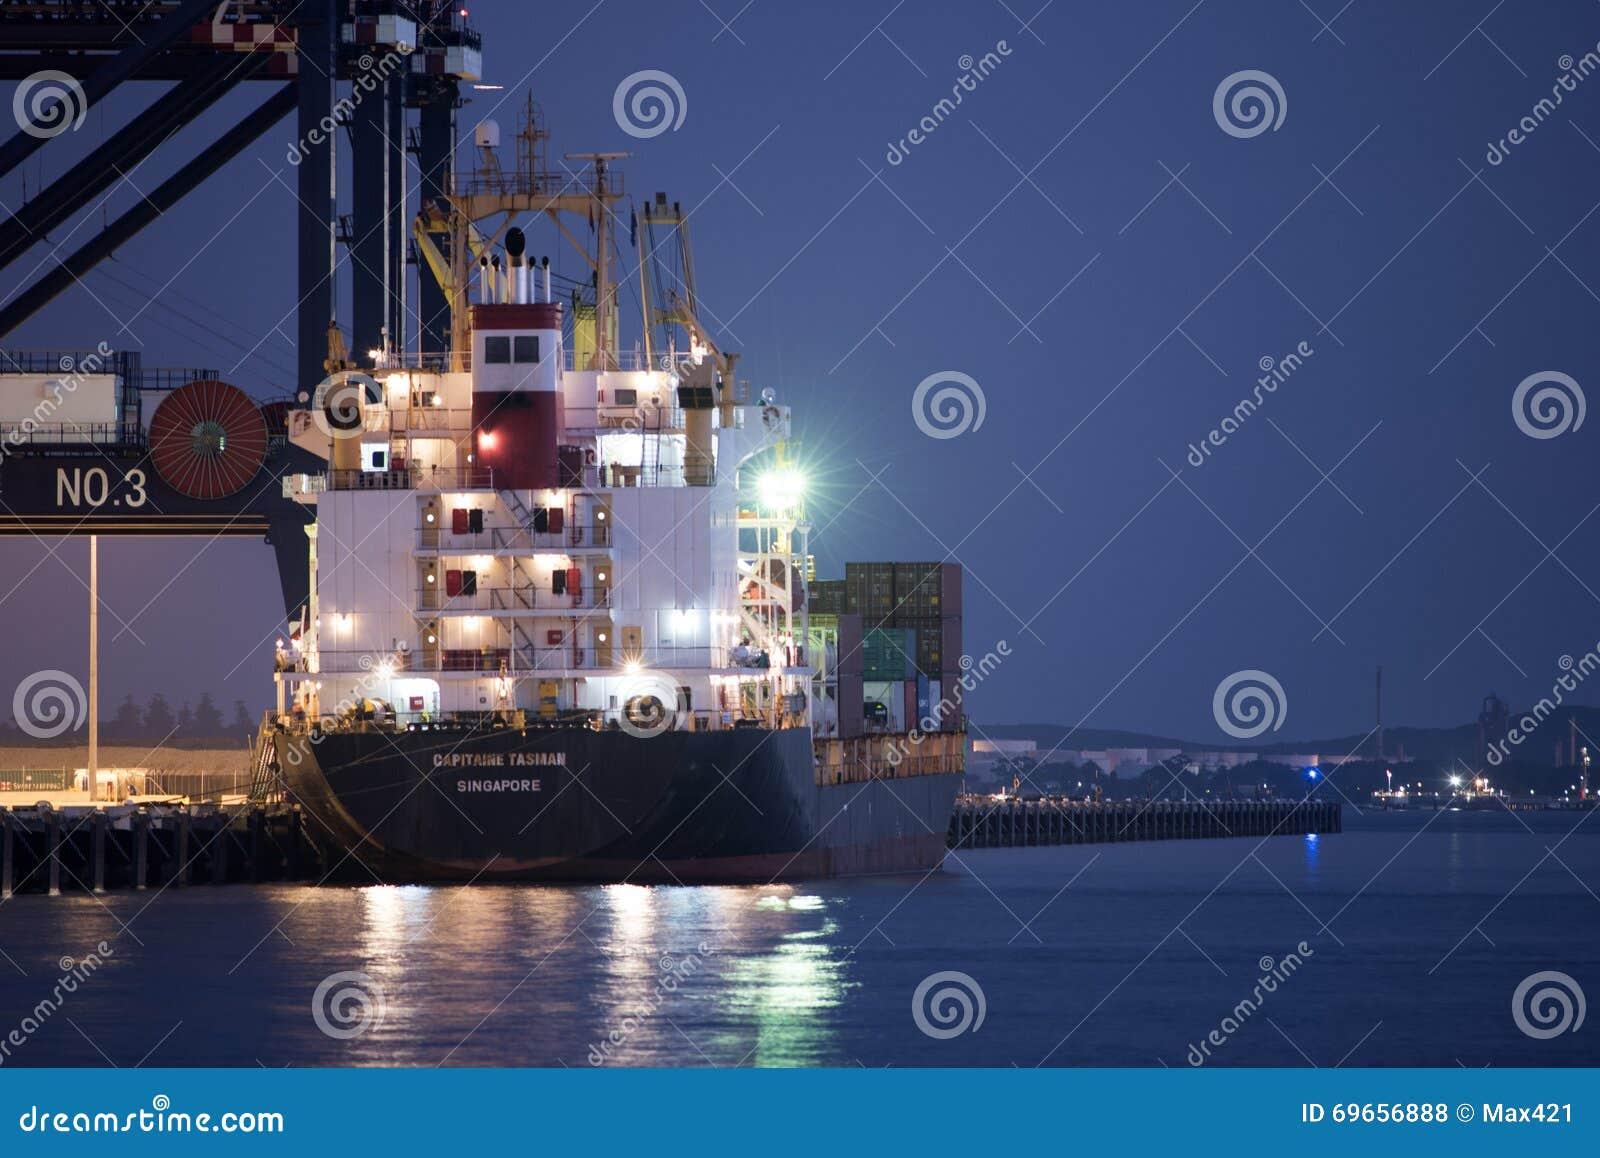 Το σκάφος εμπορευματοκιβωτίων φορτώνει το φορτίο στη βοτανική λιμένων, Σίδνεϊ